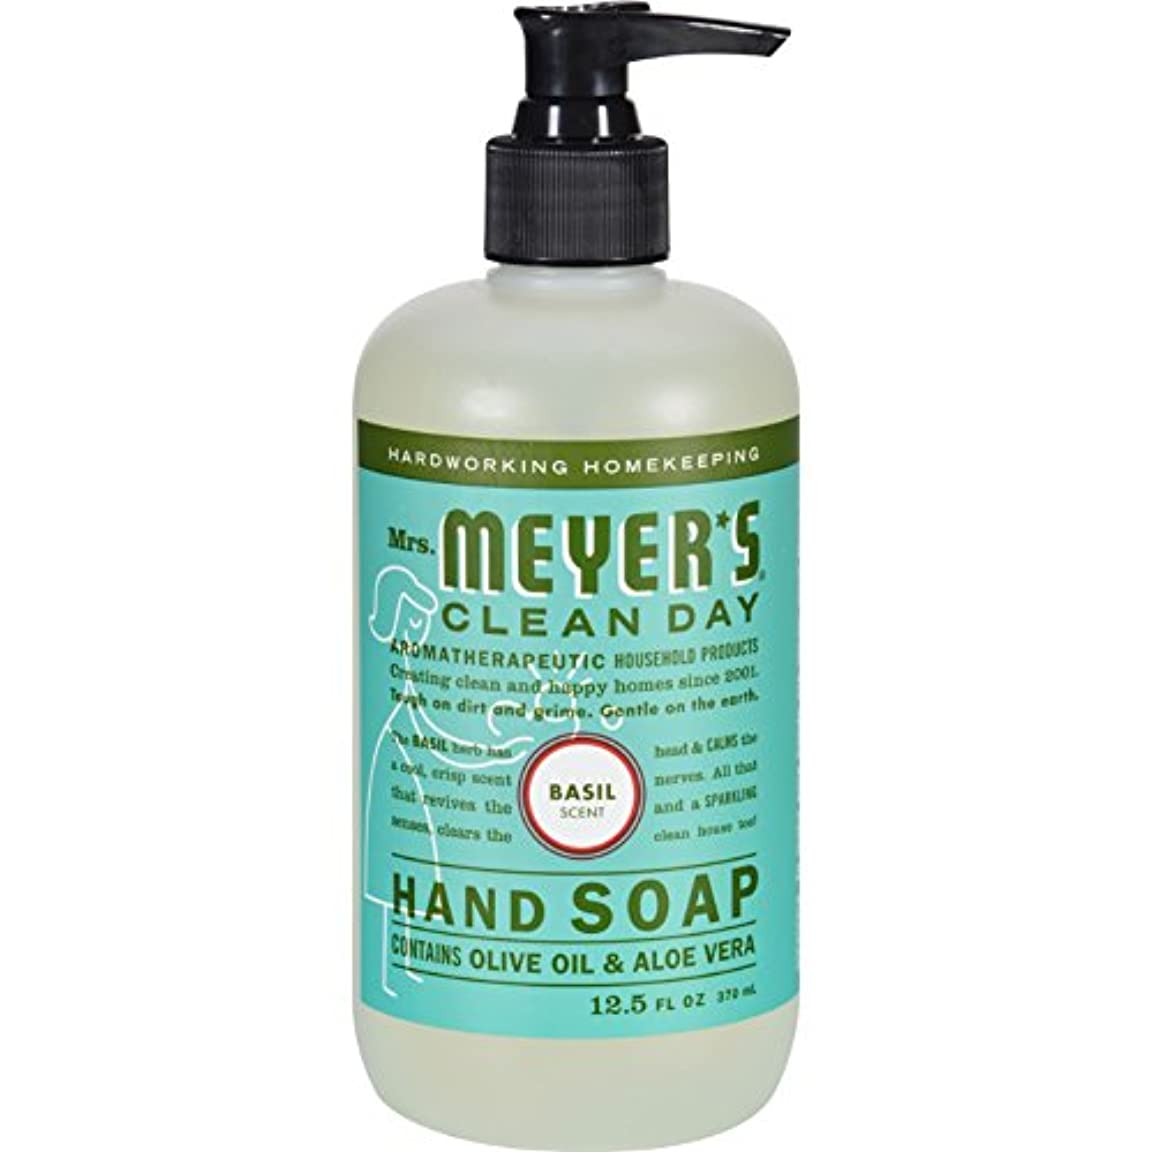 あいにく卒業篭MRS. MEYER'S HAND SOAP,LIQ,BASIL, 12.5 FZ by Mrs. Meyer's Clean Day